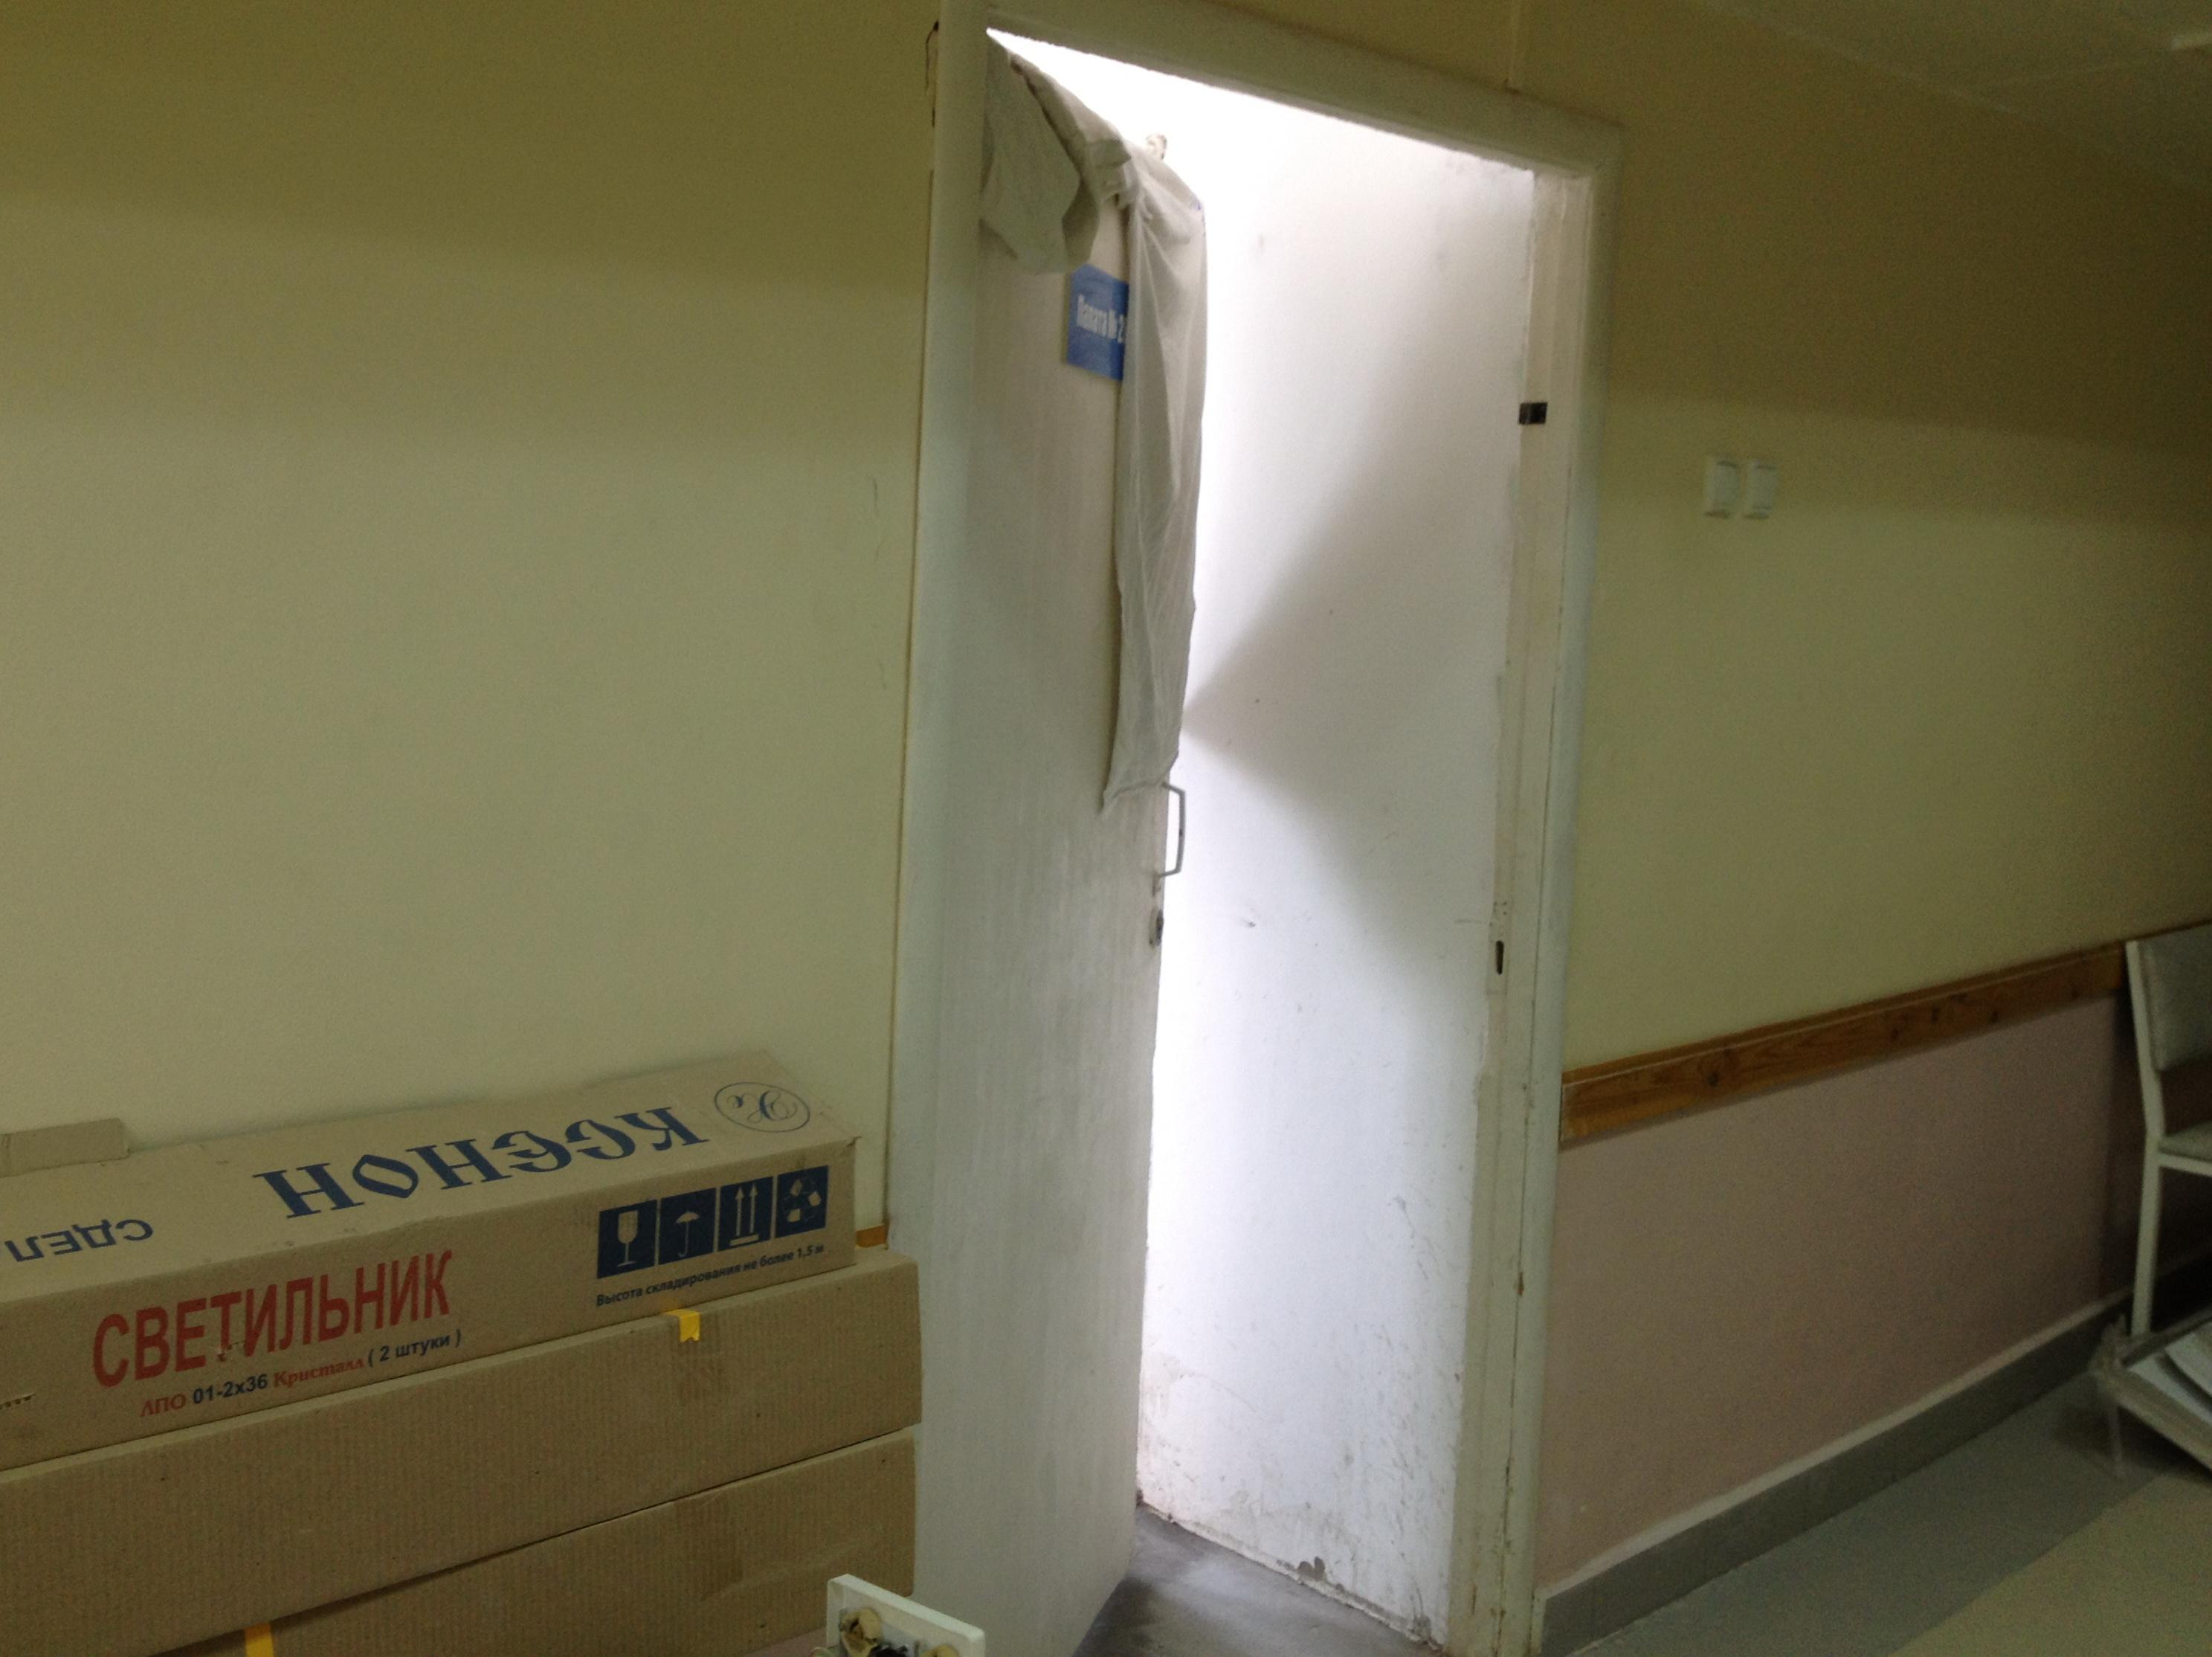 Тульская областная клиническая больница отделение кардиологии